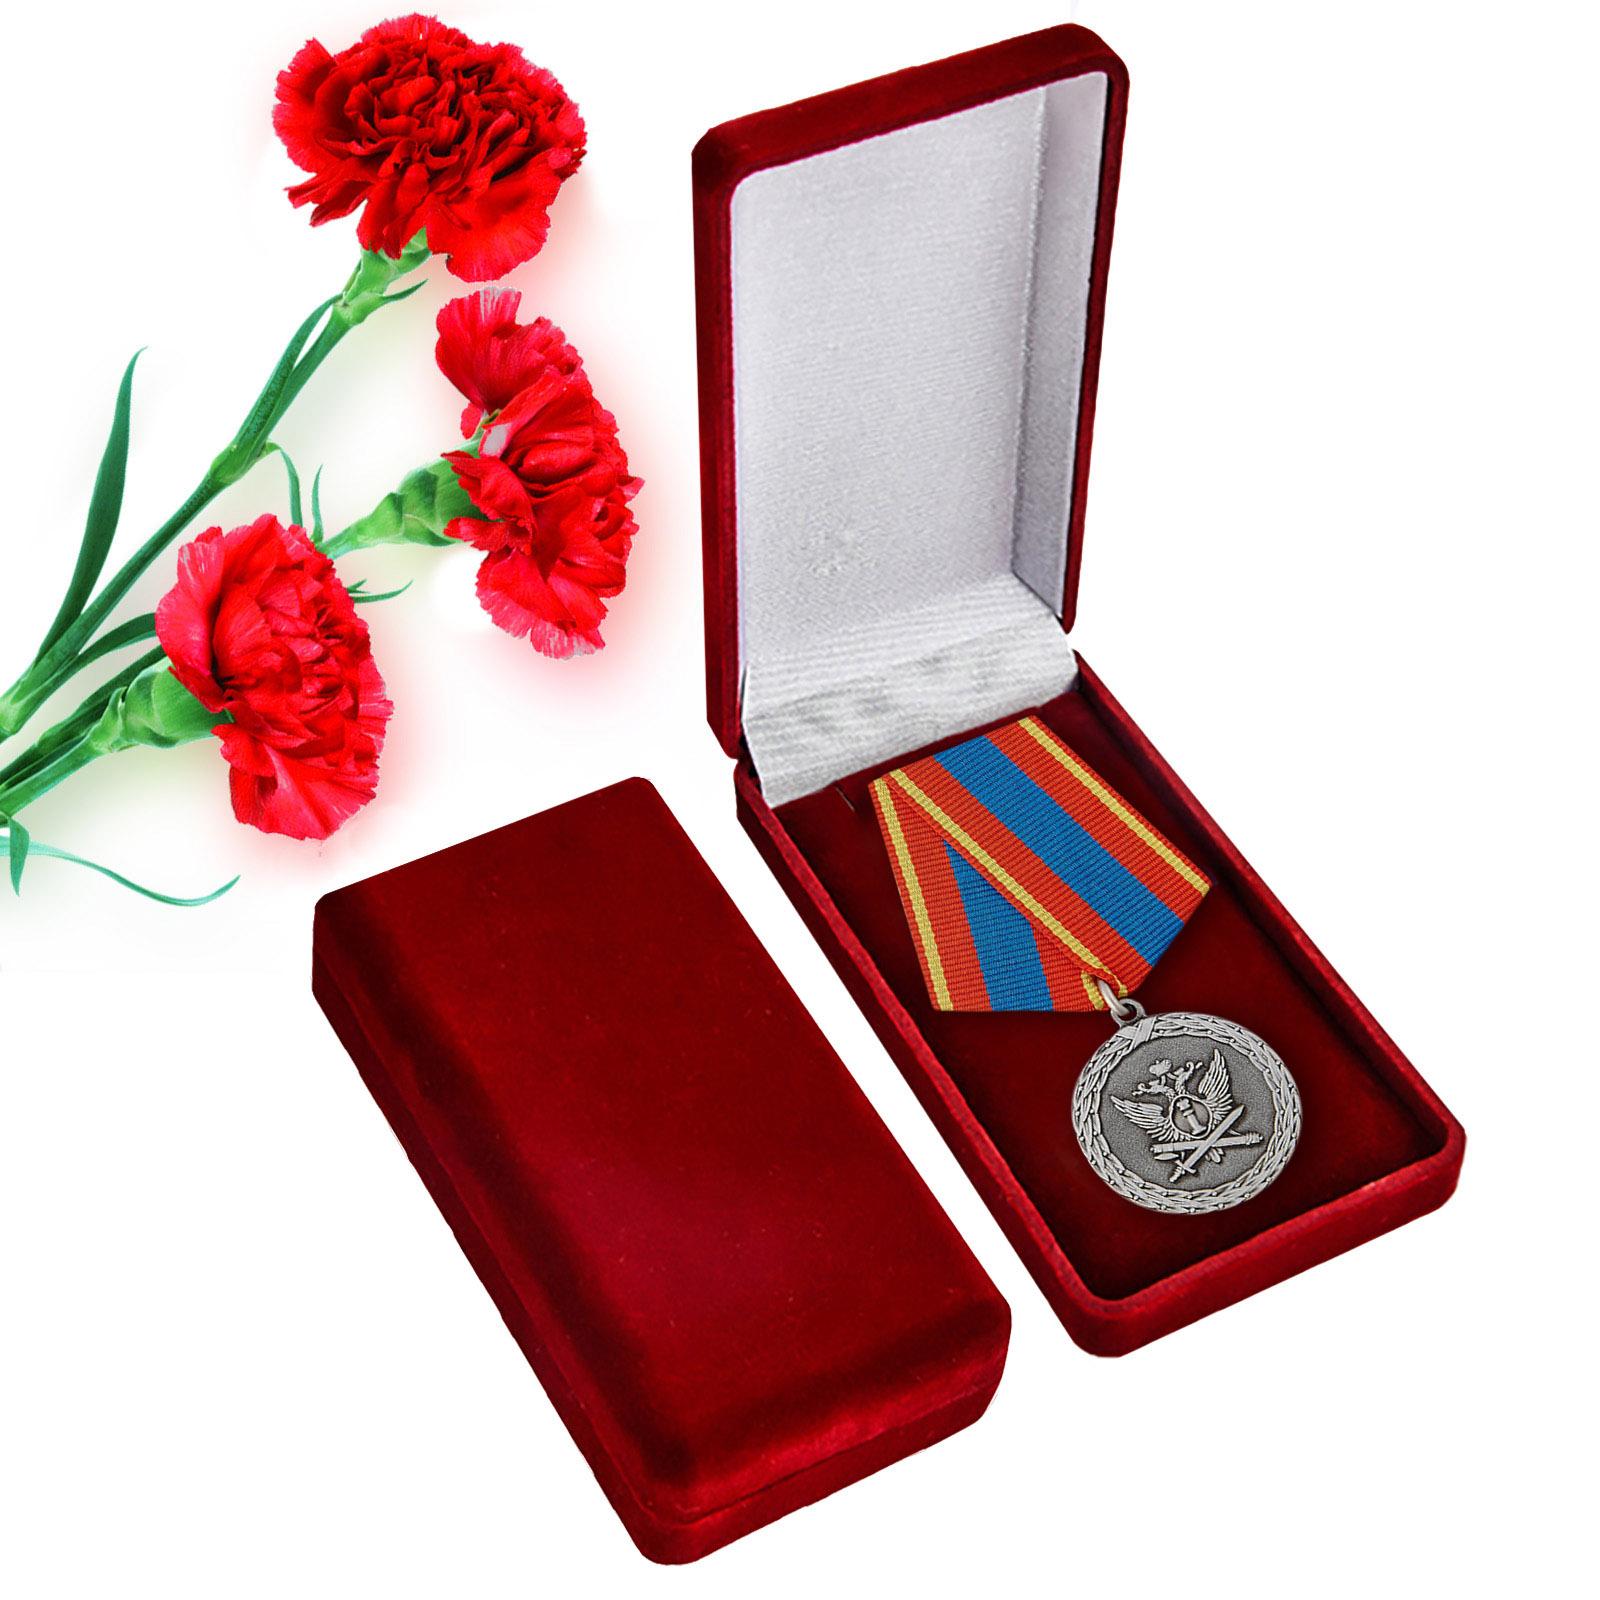 Купить медаль Министерства Юстиции Ветеран уголовно-исполнительной системы онлайн